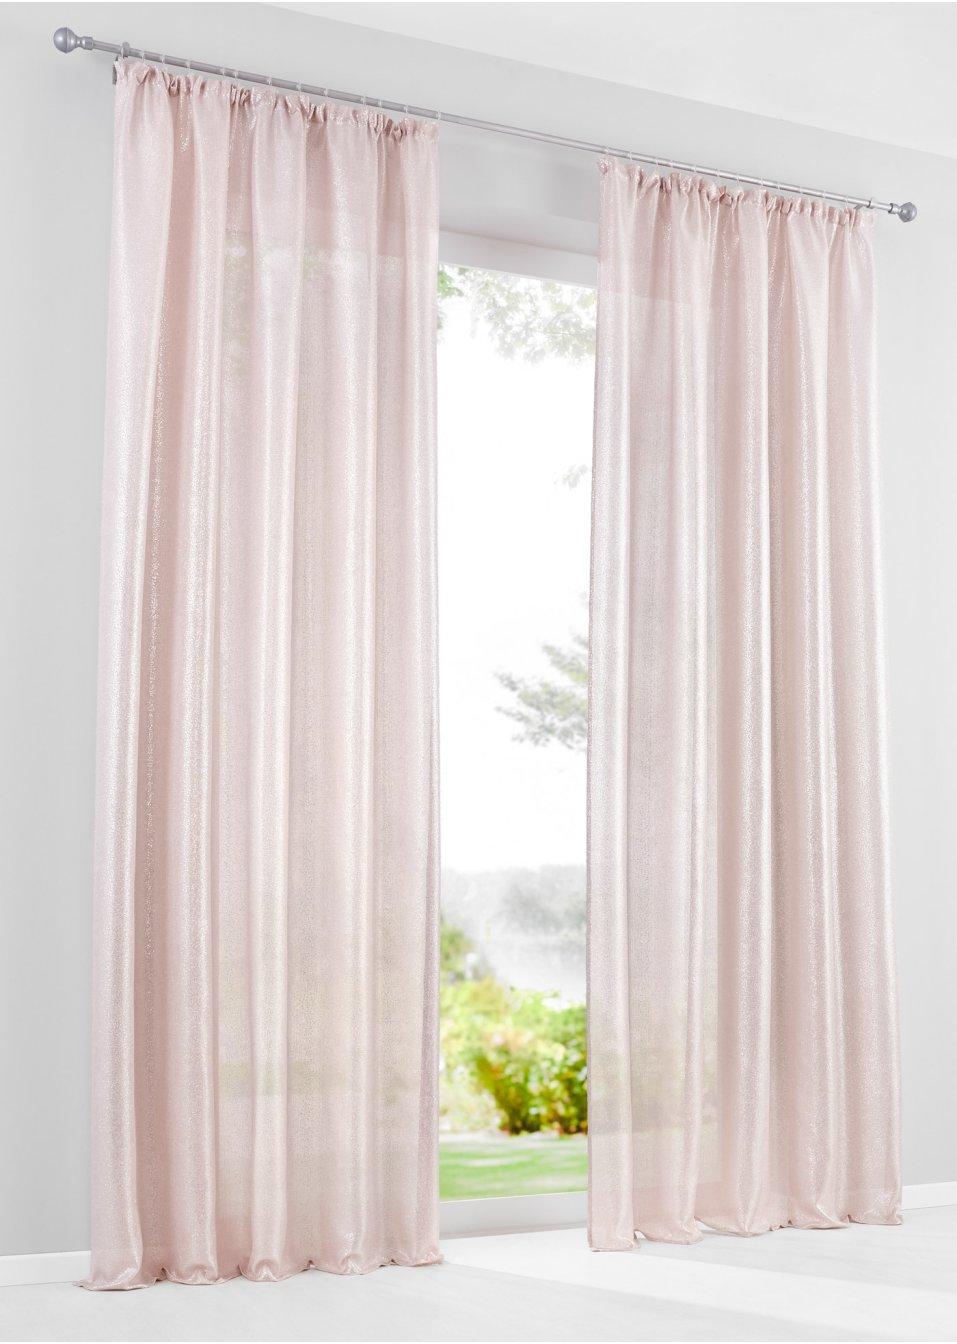 Vorhang samara 1er pack rosa bpc living - Bonprix vorhang ...